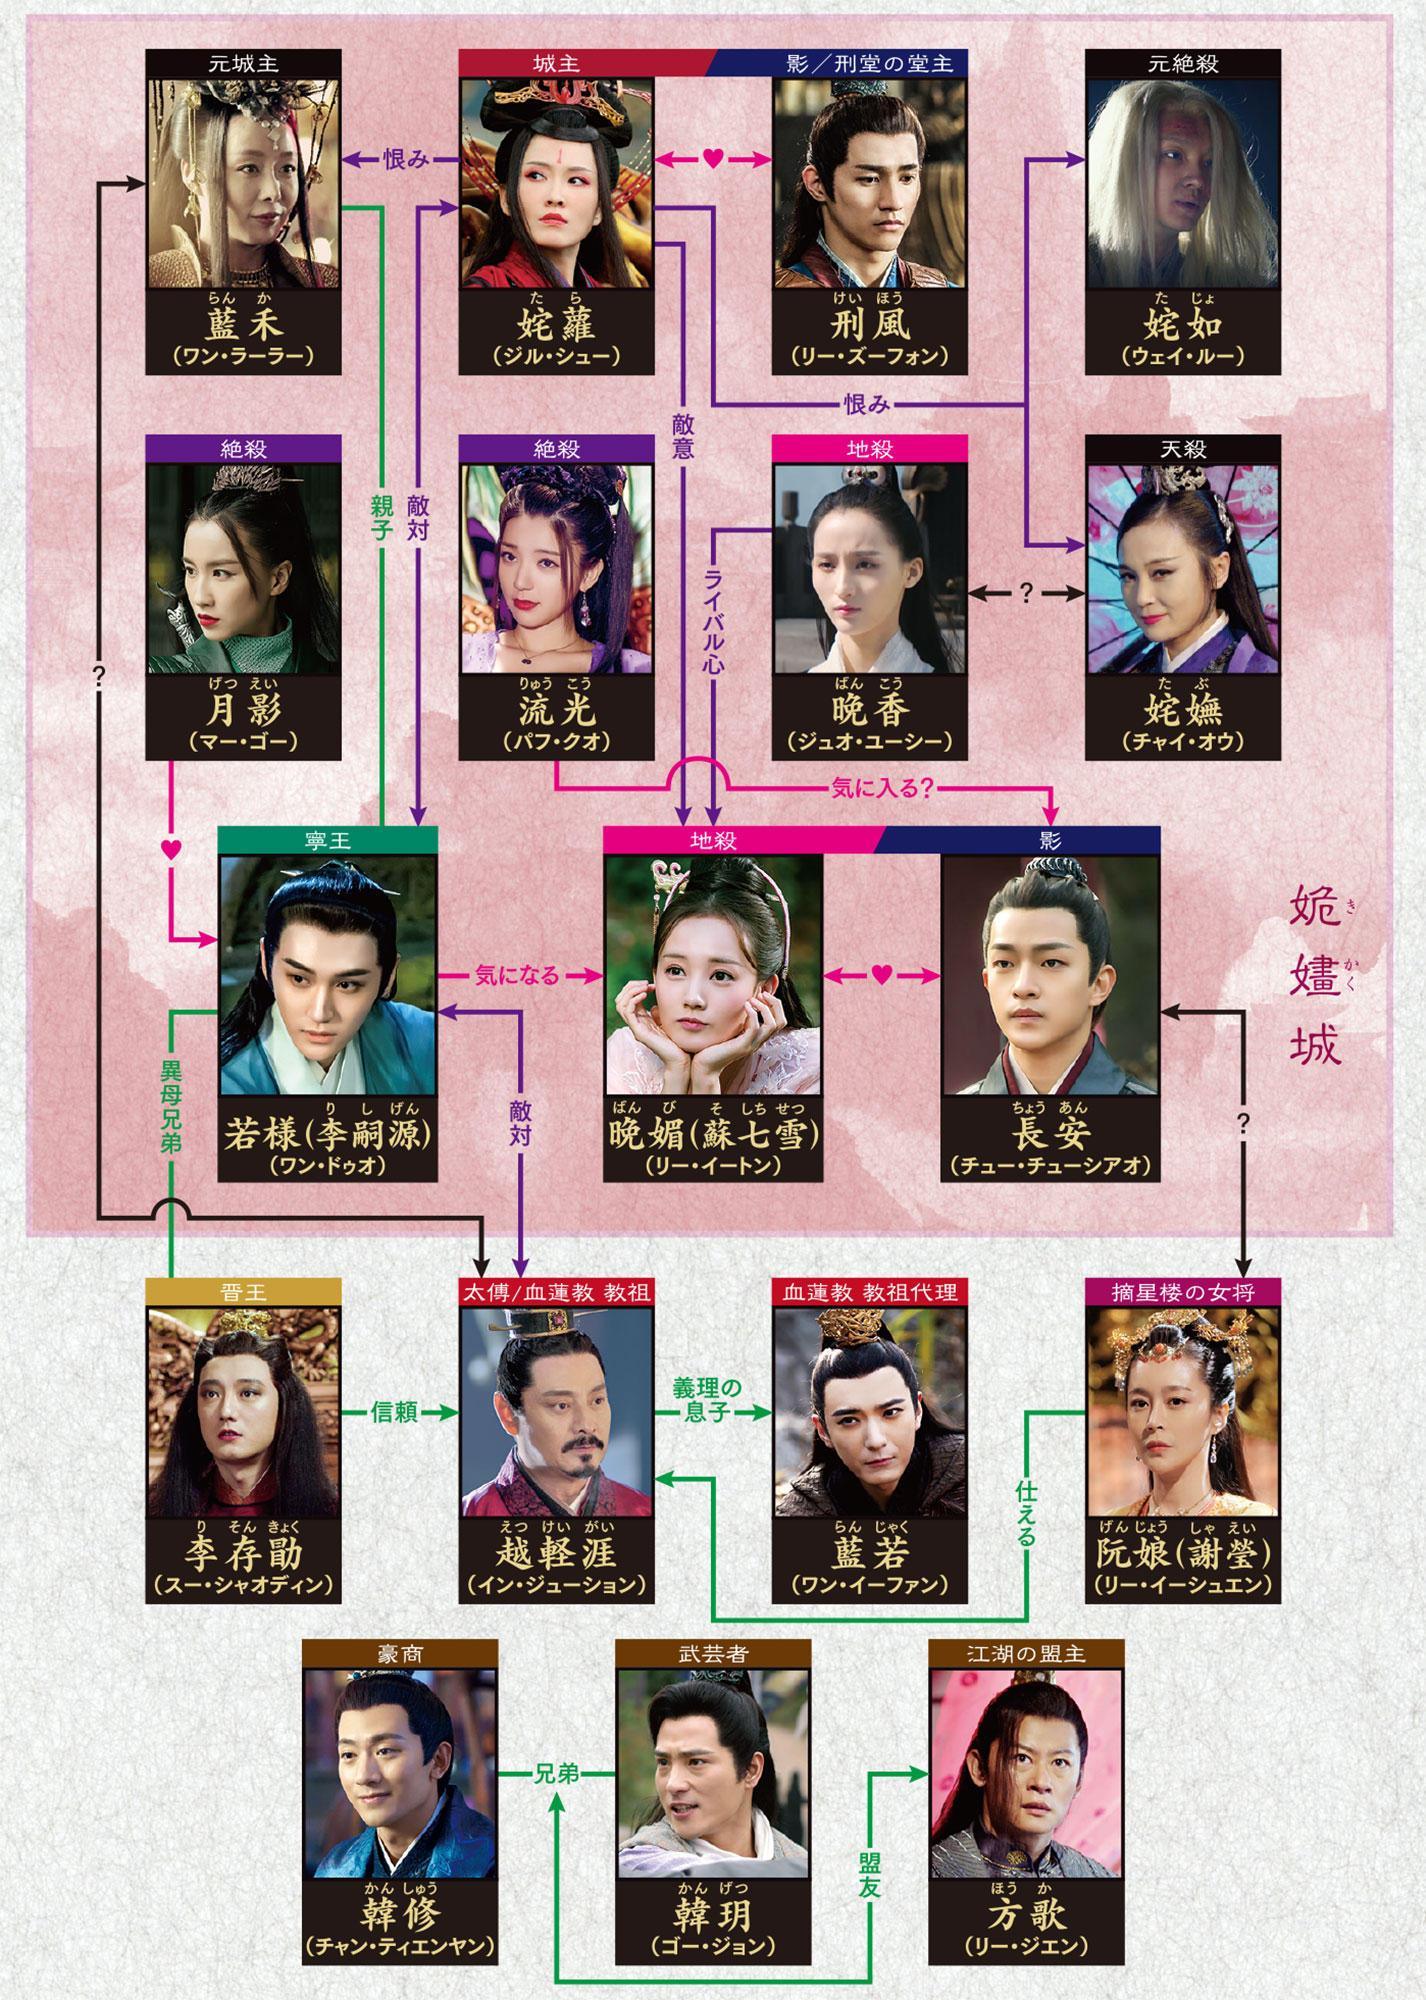 中国ドラマ【晩媚と影~紅きロマンス~】の人物相関図